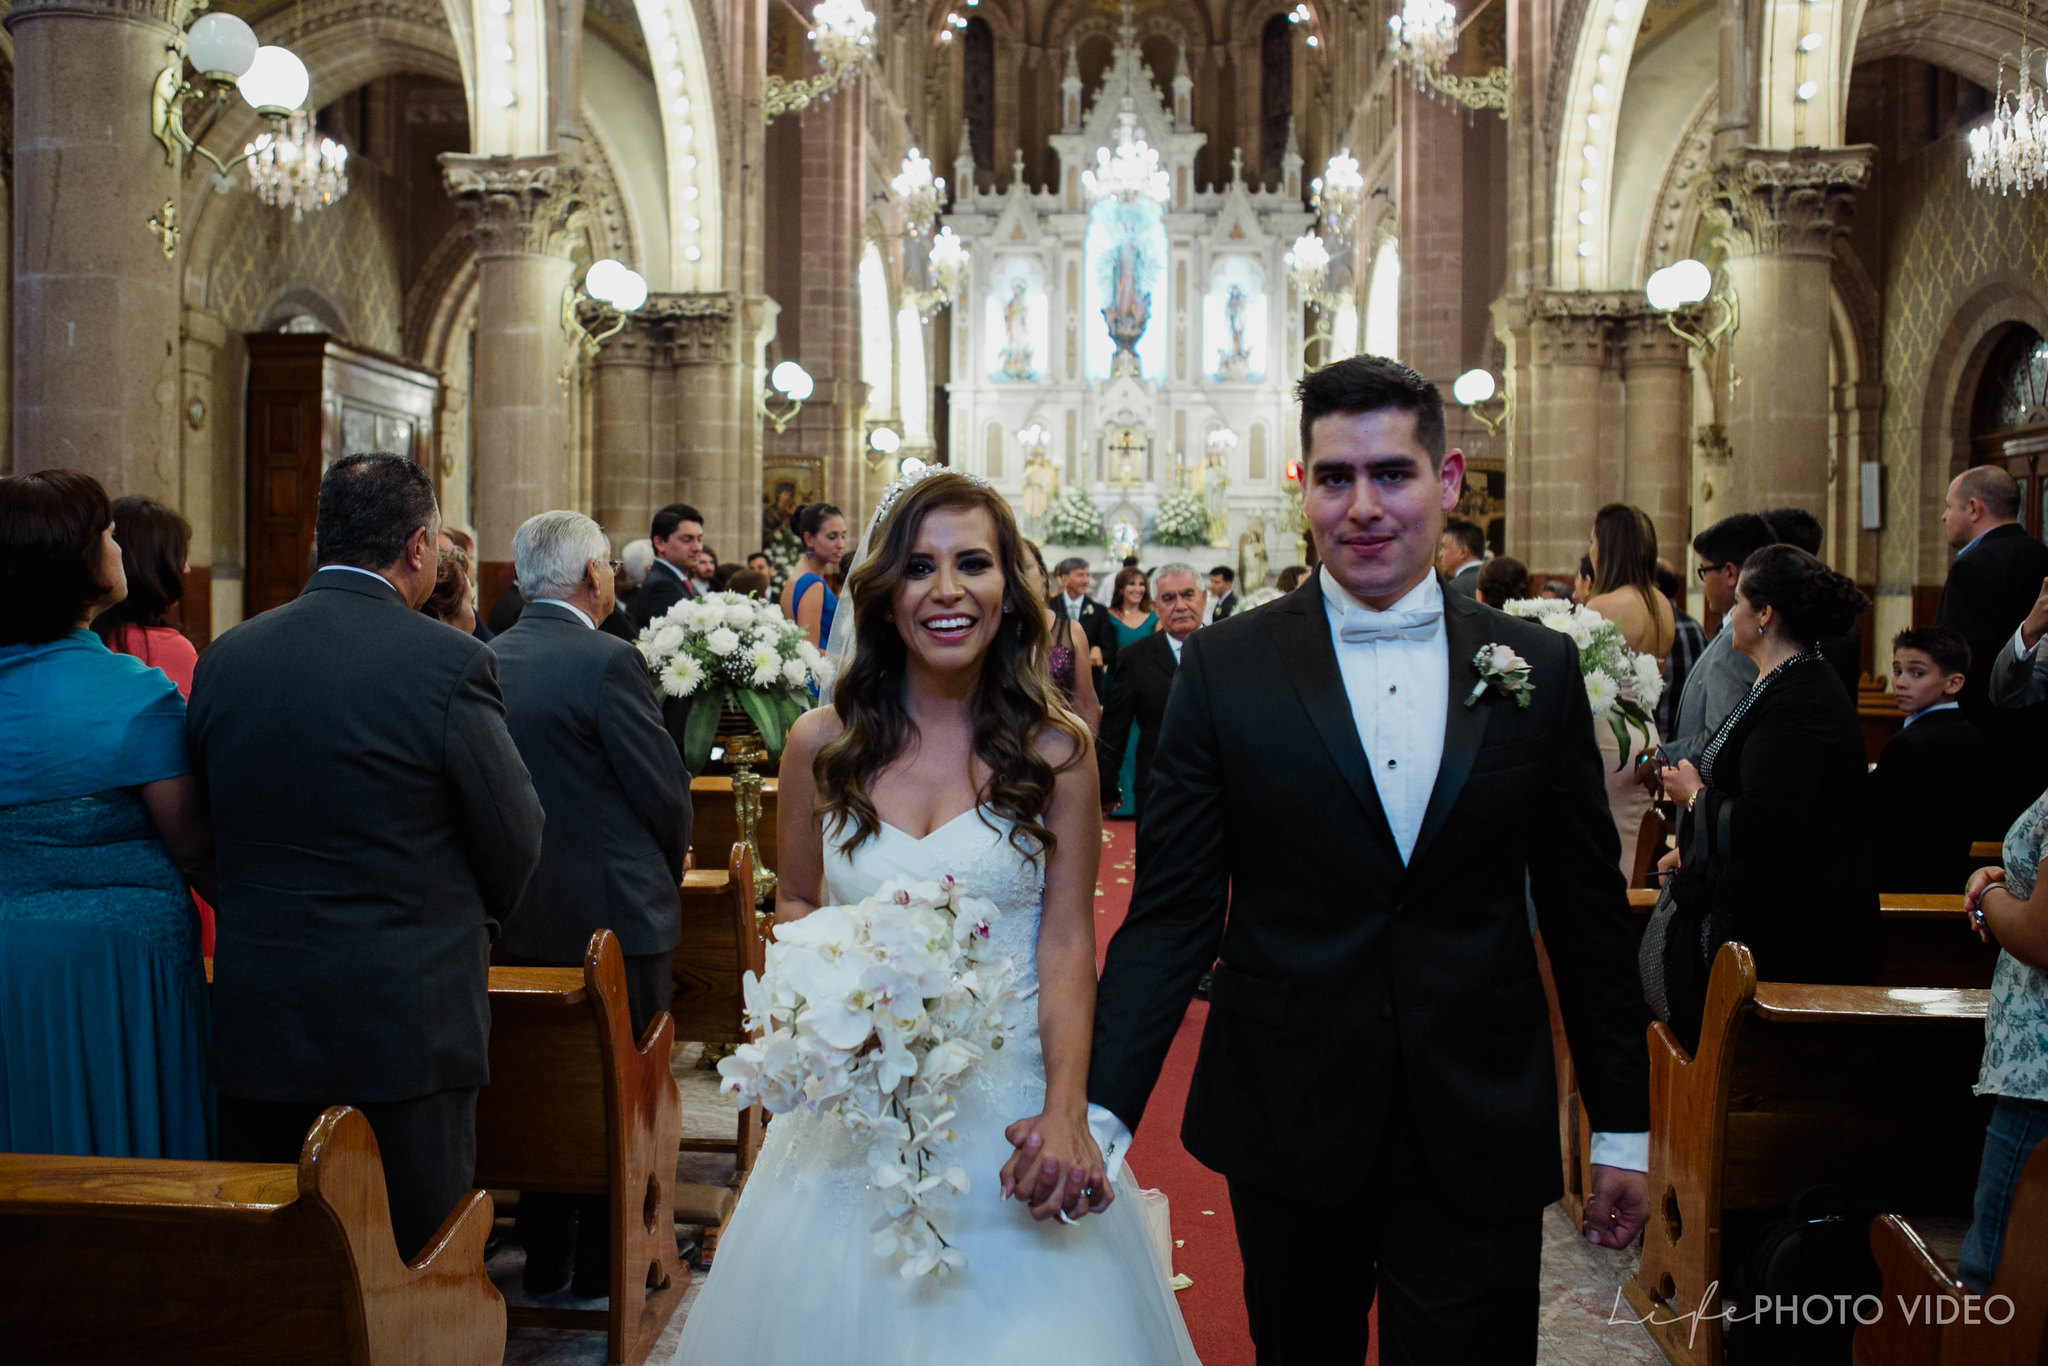 Boda_LeonGto_Wedding_LifePhotoVideo_0046.jpg